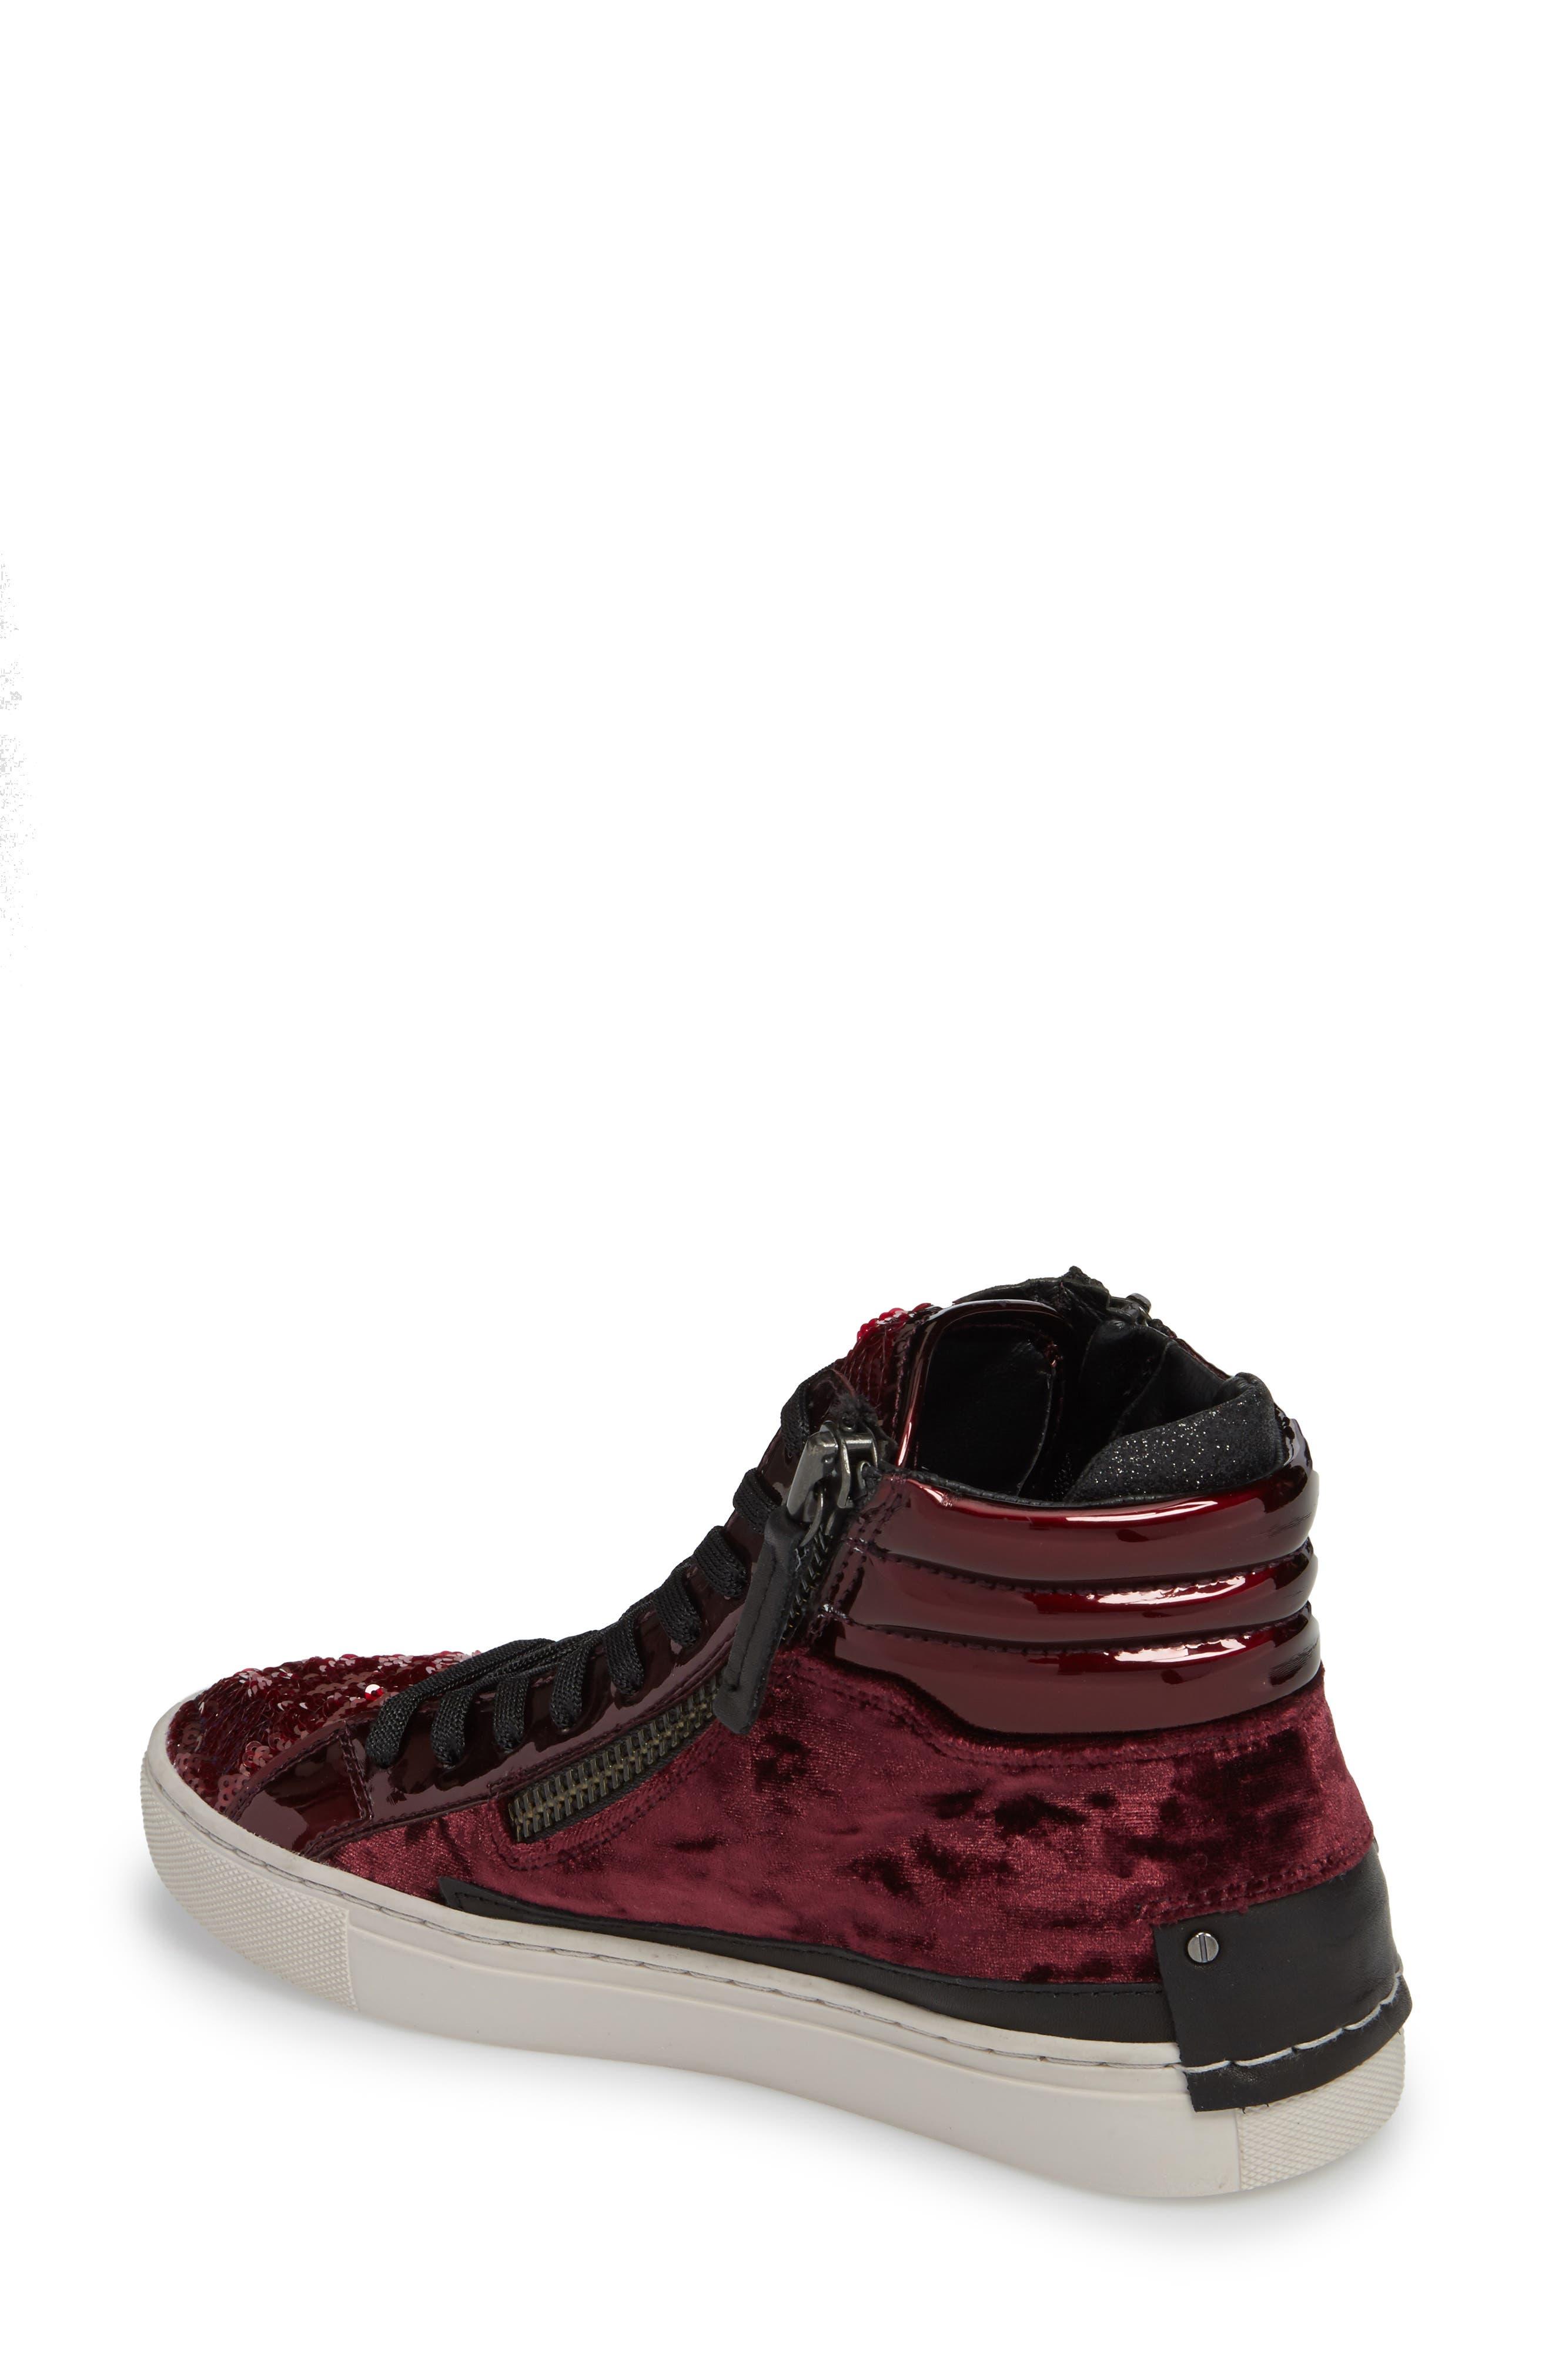 Java Hi Sneaker,                             Alternate thumbnail 2, color,                             930